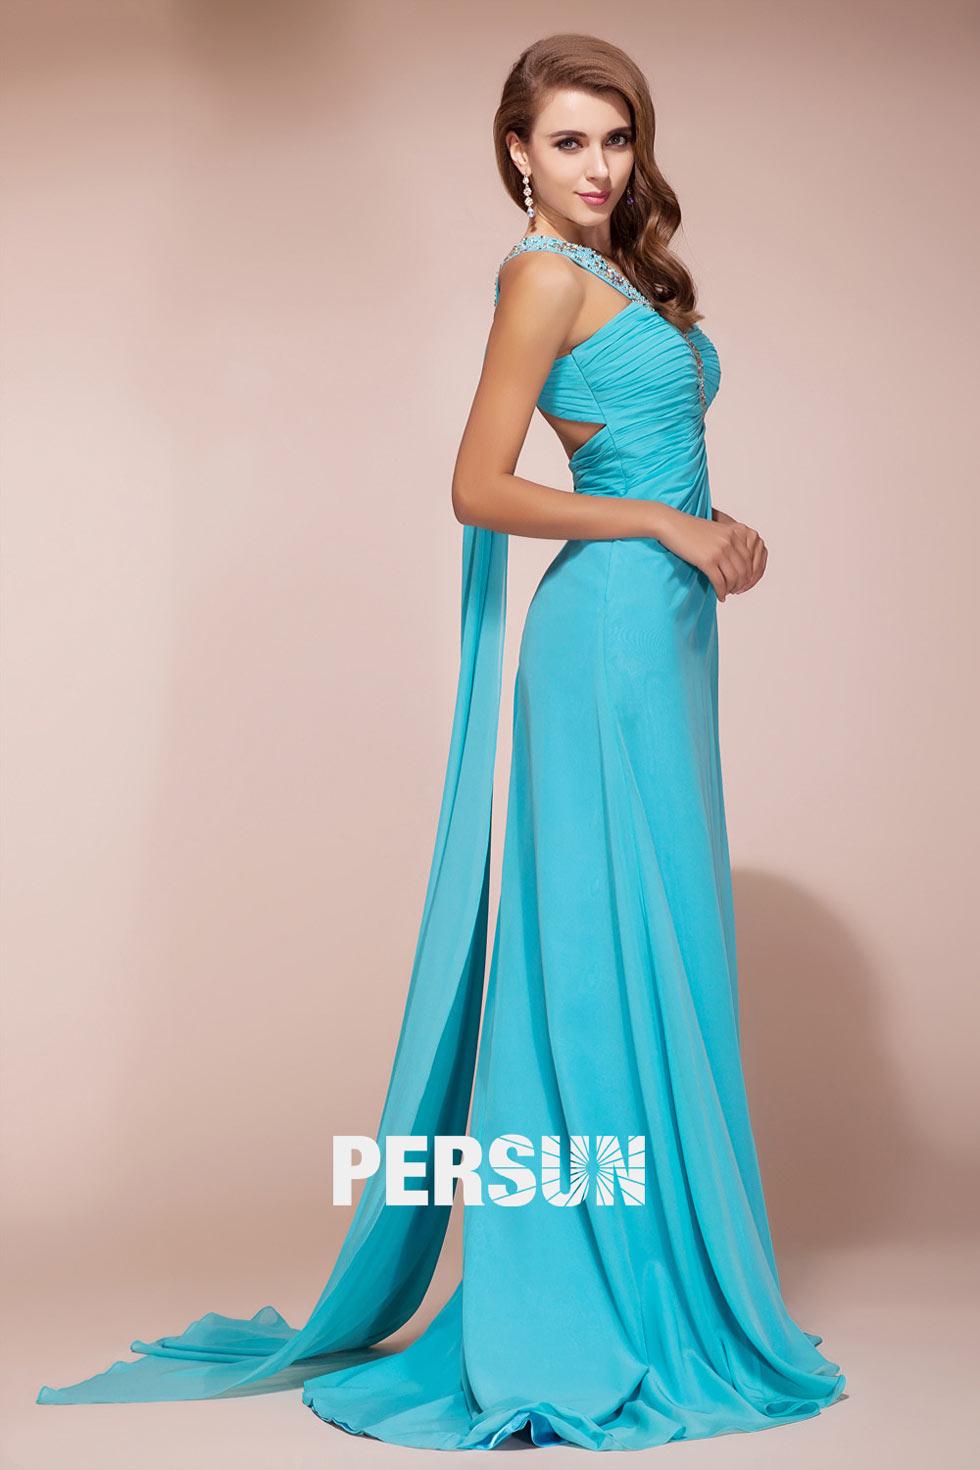 Robe de soirée turquoise asymétrique avec ouverture frontale